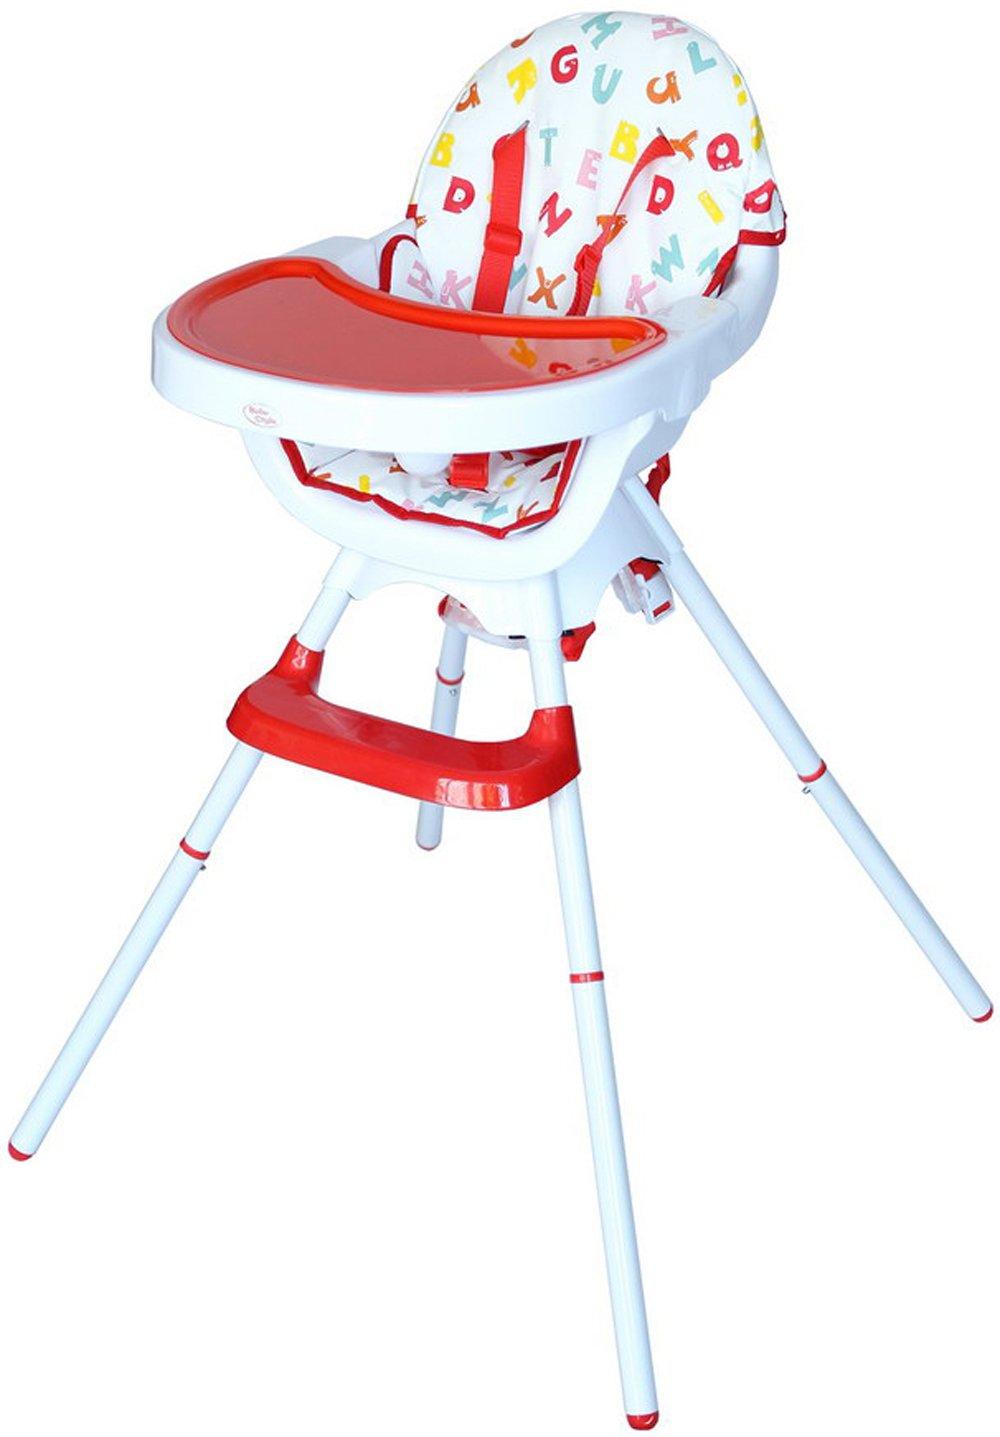 Bebe Style Siège Enfant Style Deluxe 3 en 1, Chaise Haute de Bébé, Chaise Enfant et Rehausseur FFH23R